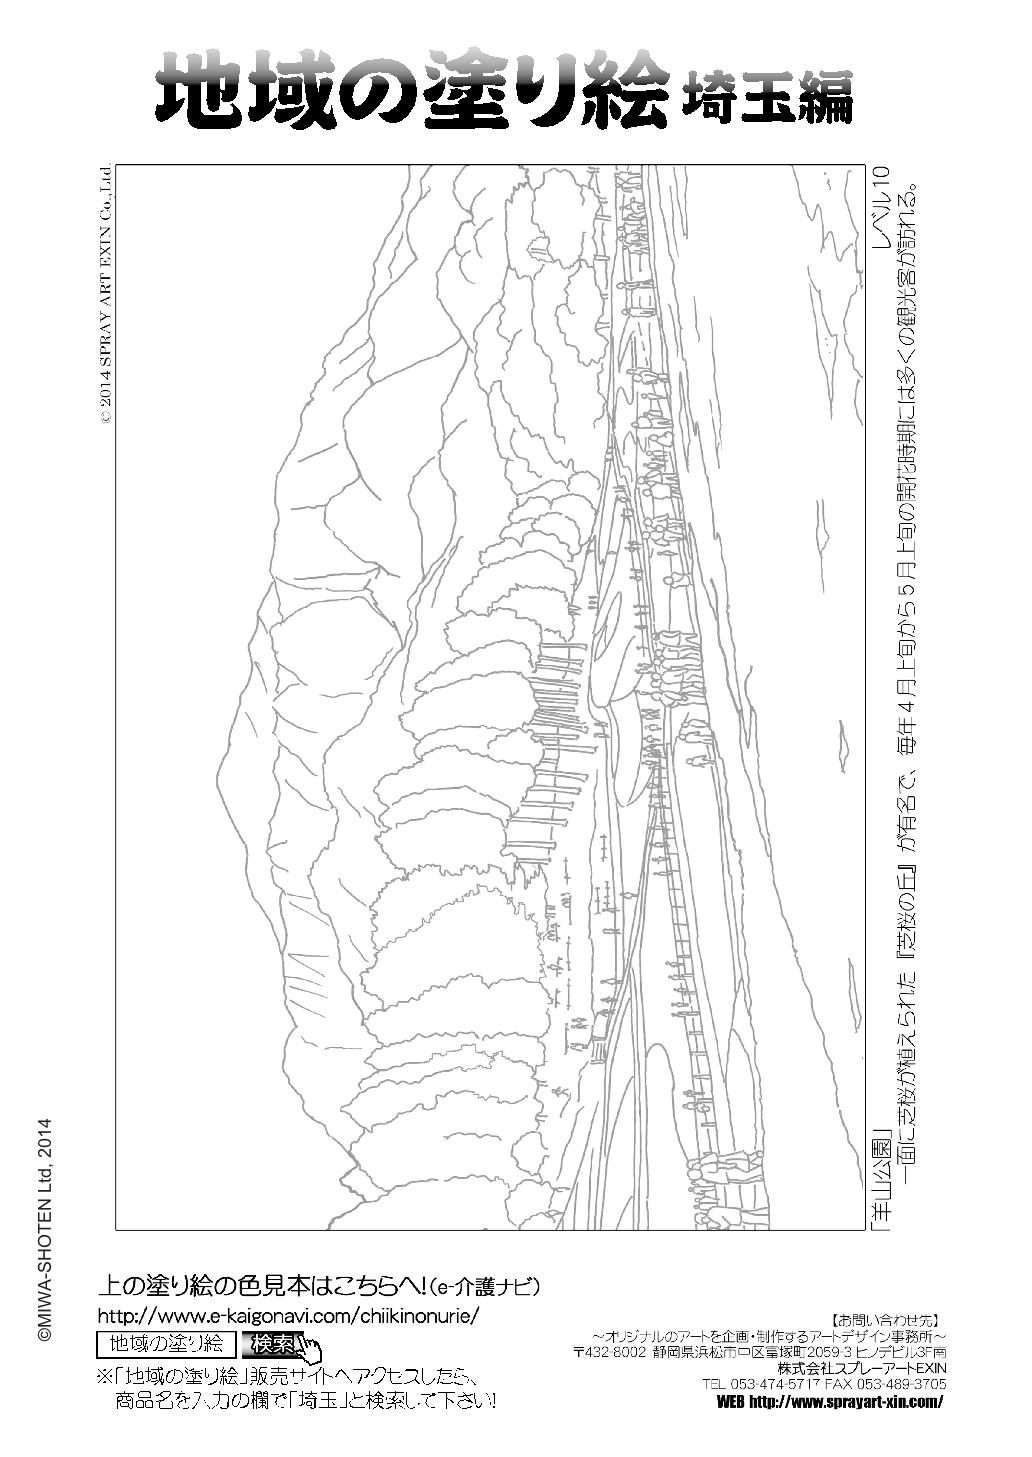 地域の塗り絵 作業療法ジャーナル 48巻5号 医書jp